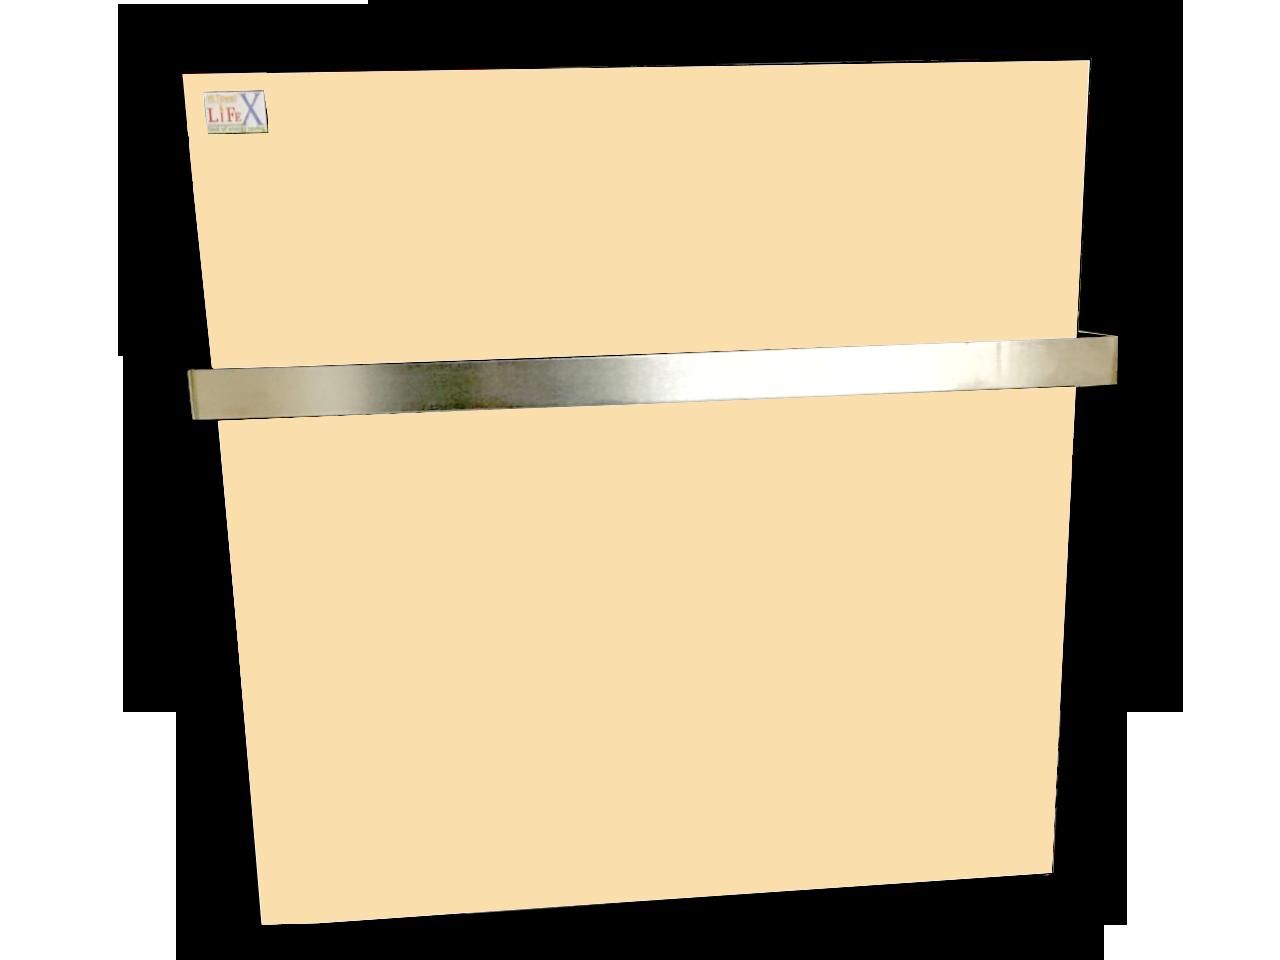 Керамический полотенцесушитель с терморегулятором LIFEX ПСК400R